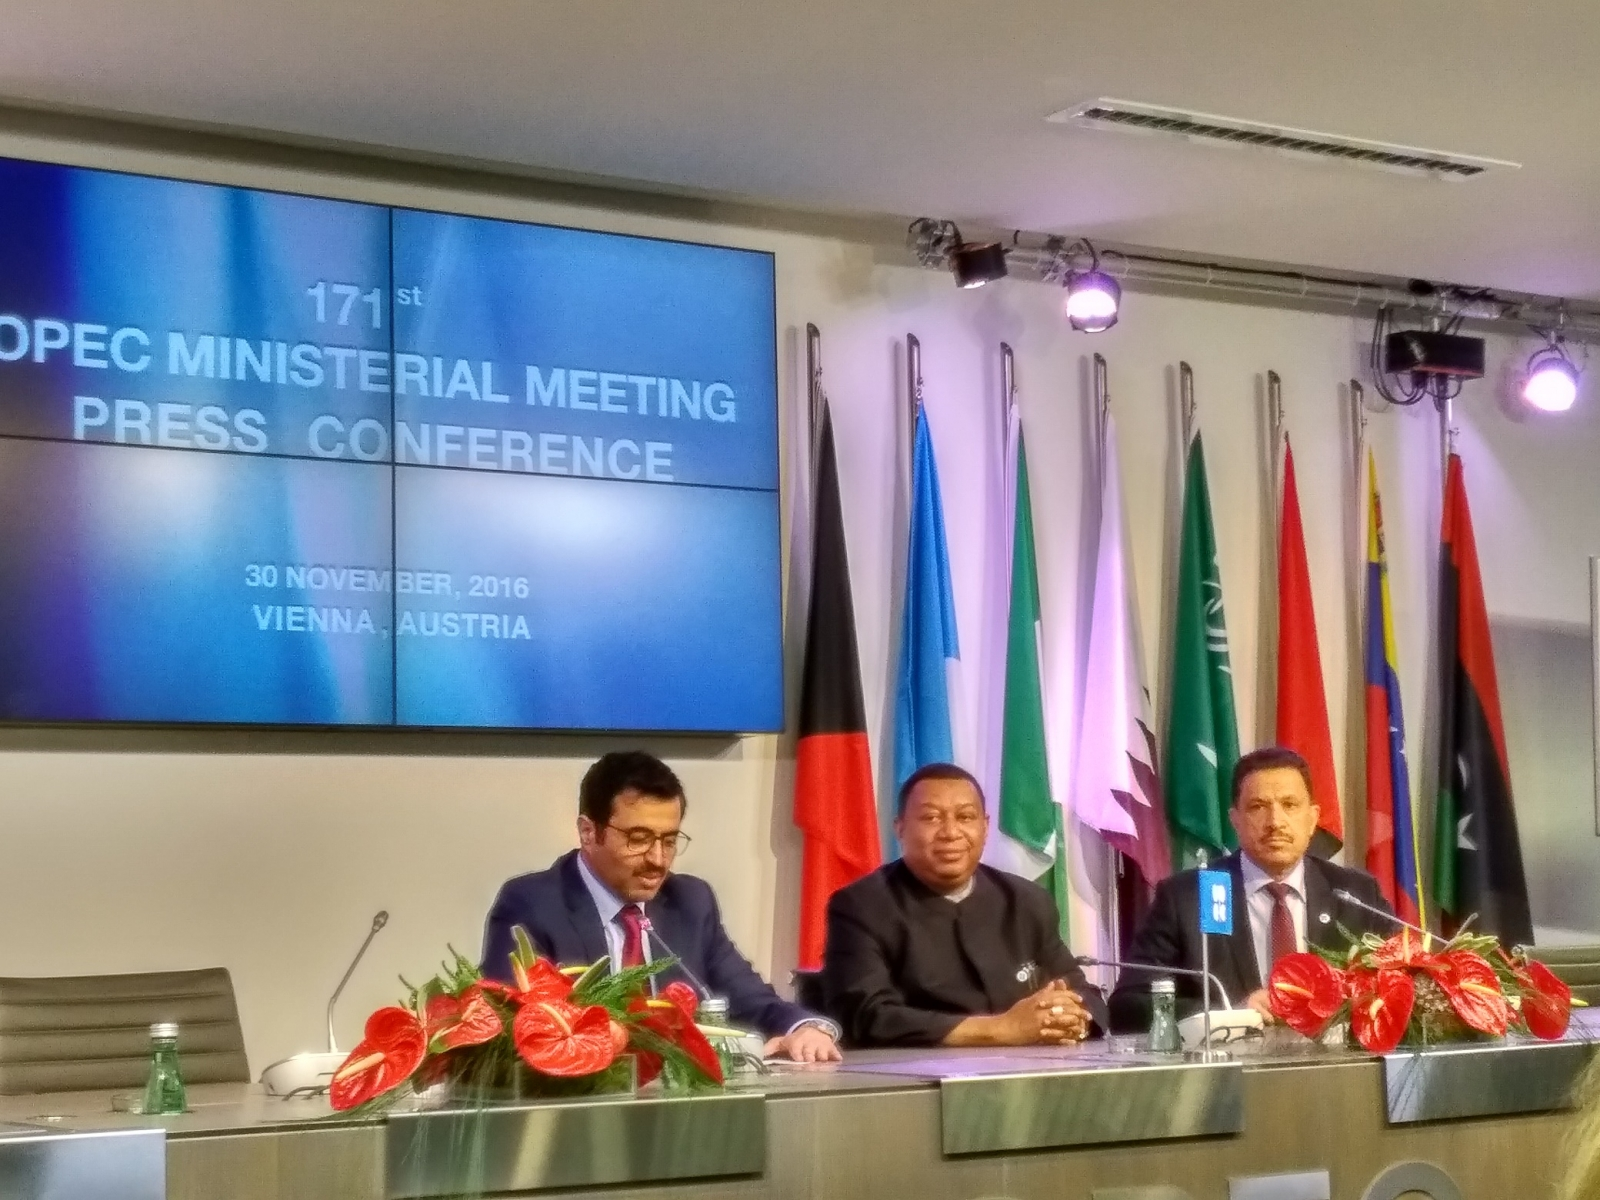 OPEC 171 Summit